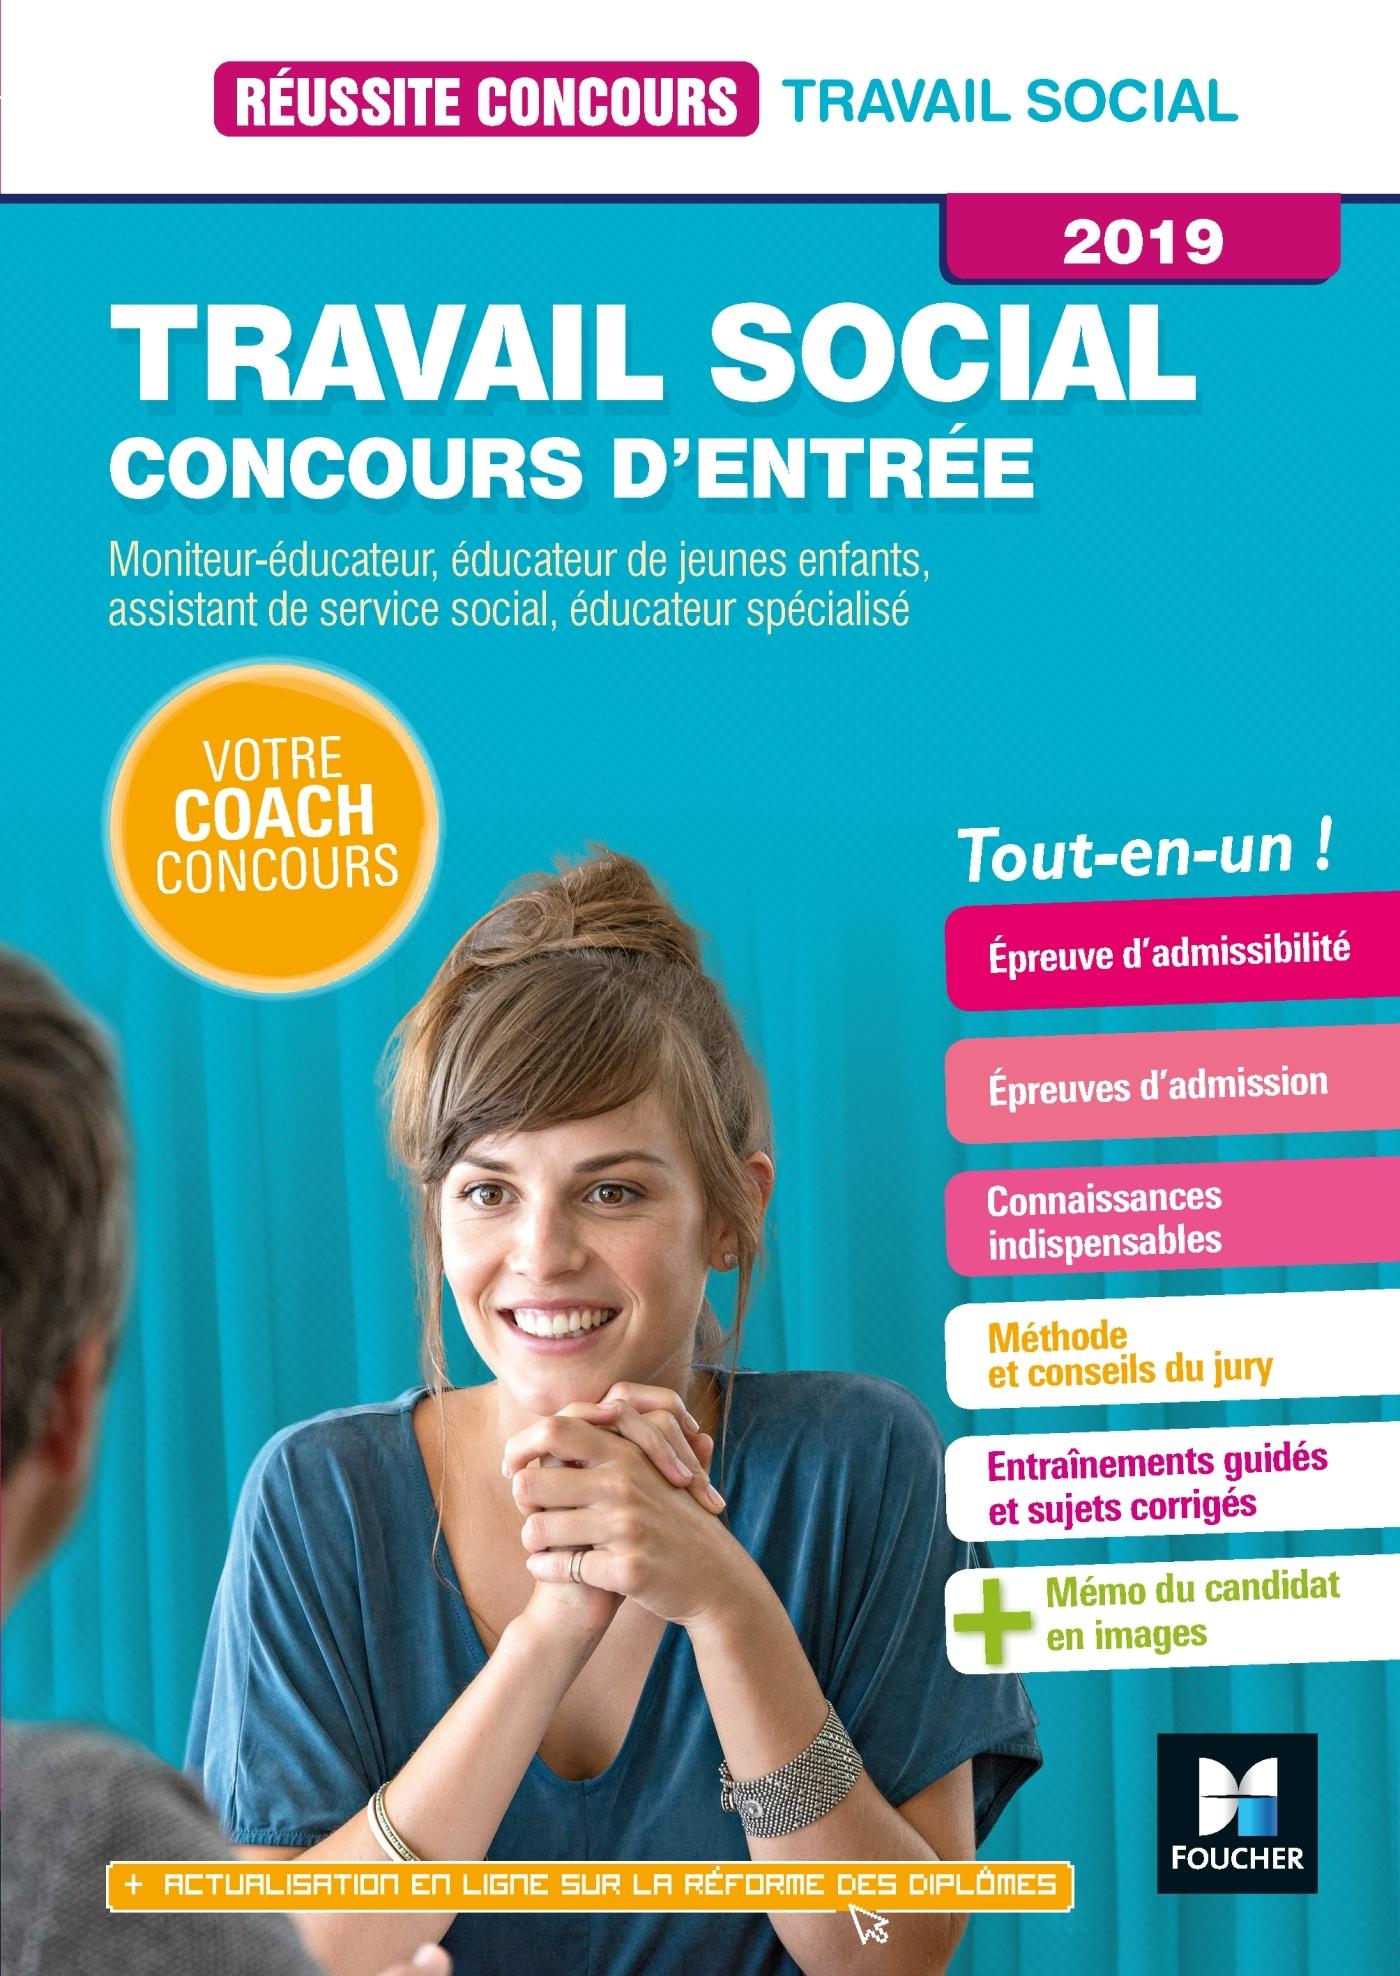 15 - REUSSITE CONCOURS TRAVAIL SOCIAL CONCOURS D'ENTREE 2019- ASS, ES, EJE, ME, TISF PREPARATION COM